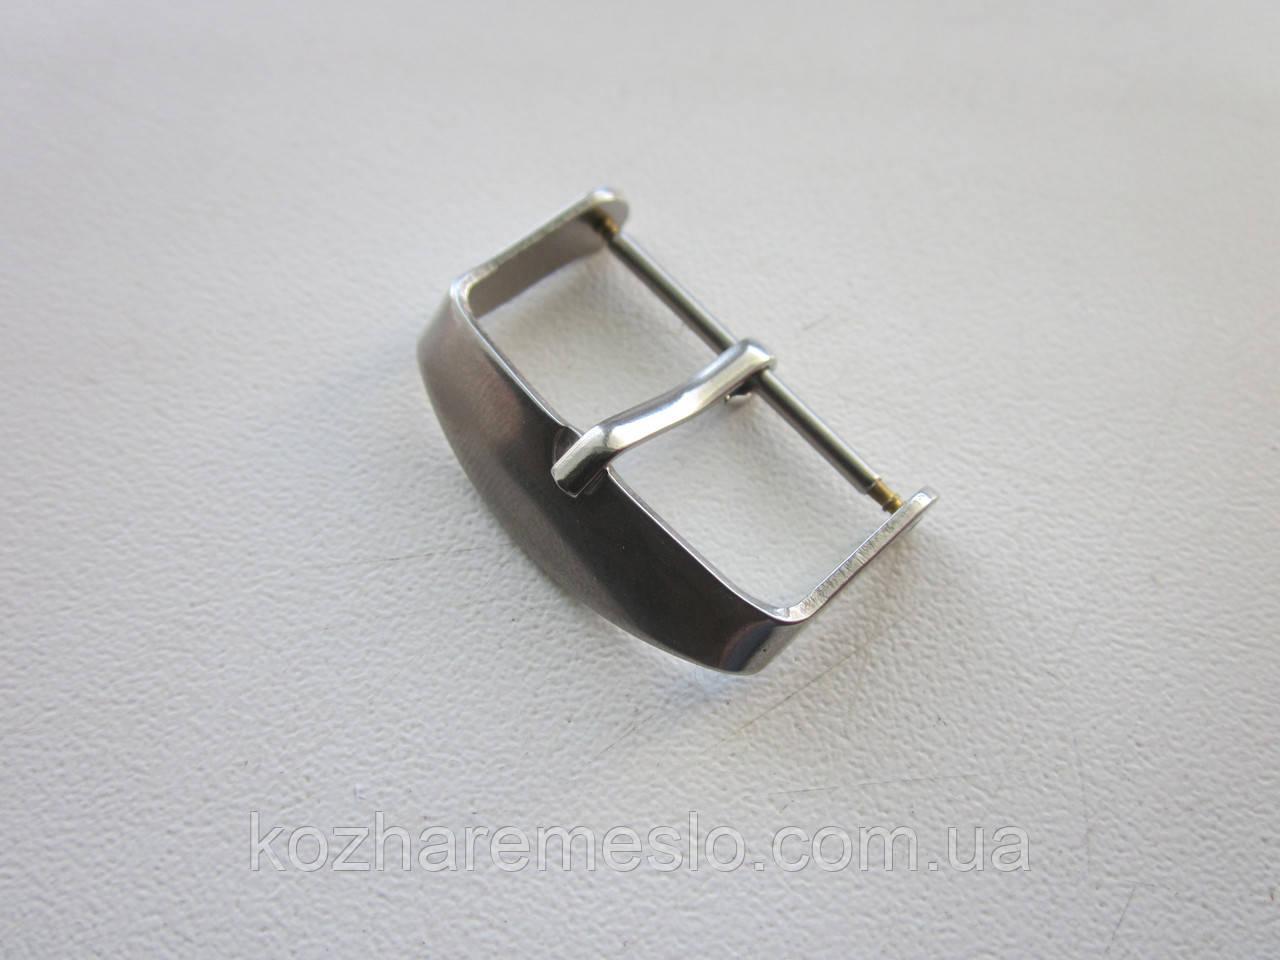 Пряжка - застёжка для часов 24 мм никель